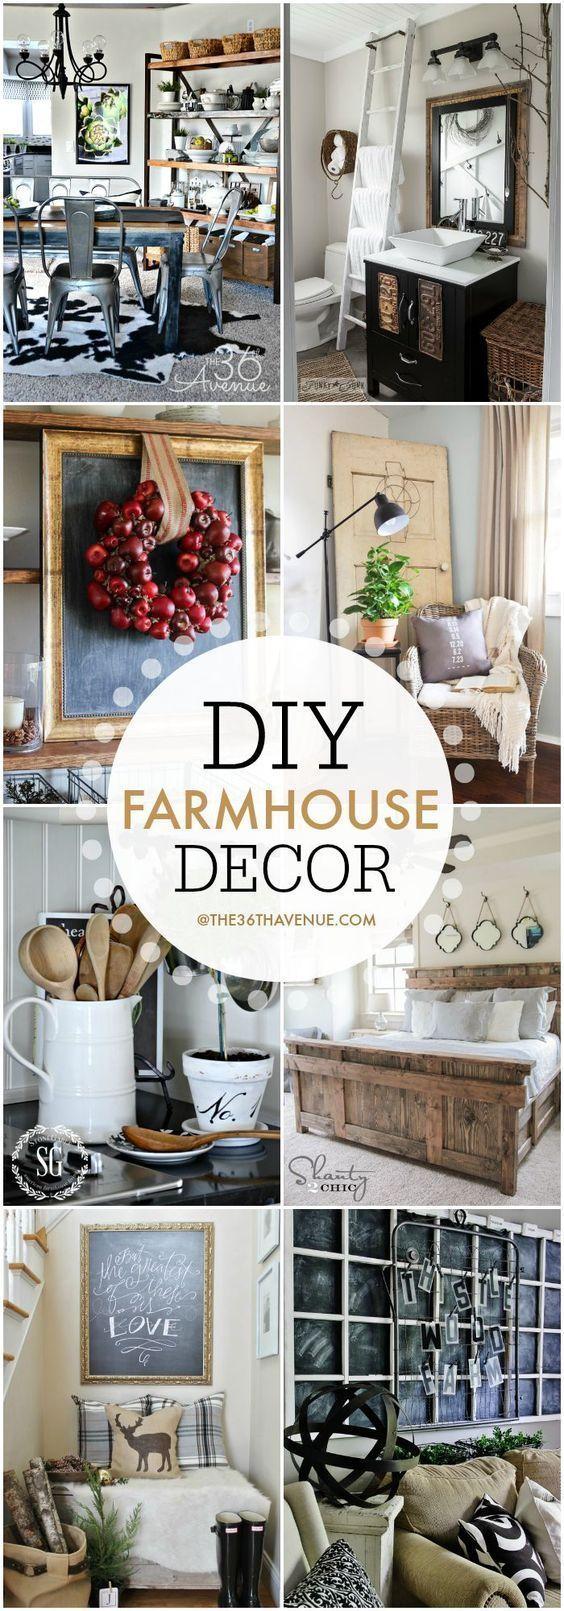 1393 best Vintage / Farmhouse Decor images on Pinterest | Creative ...